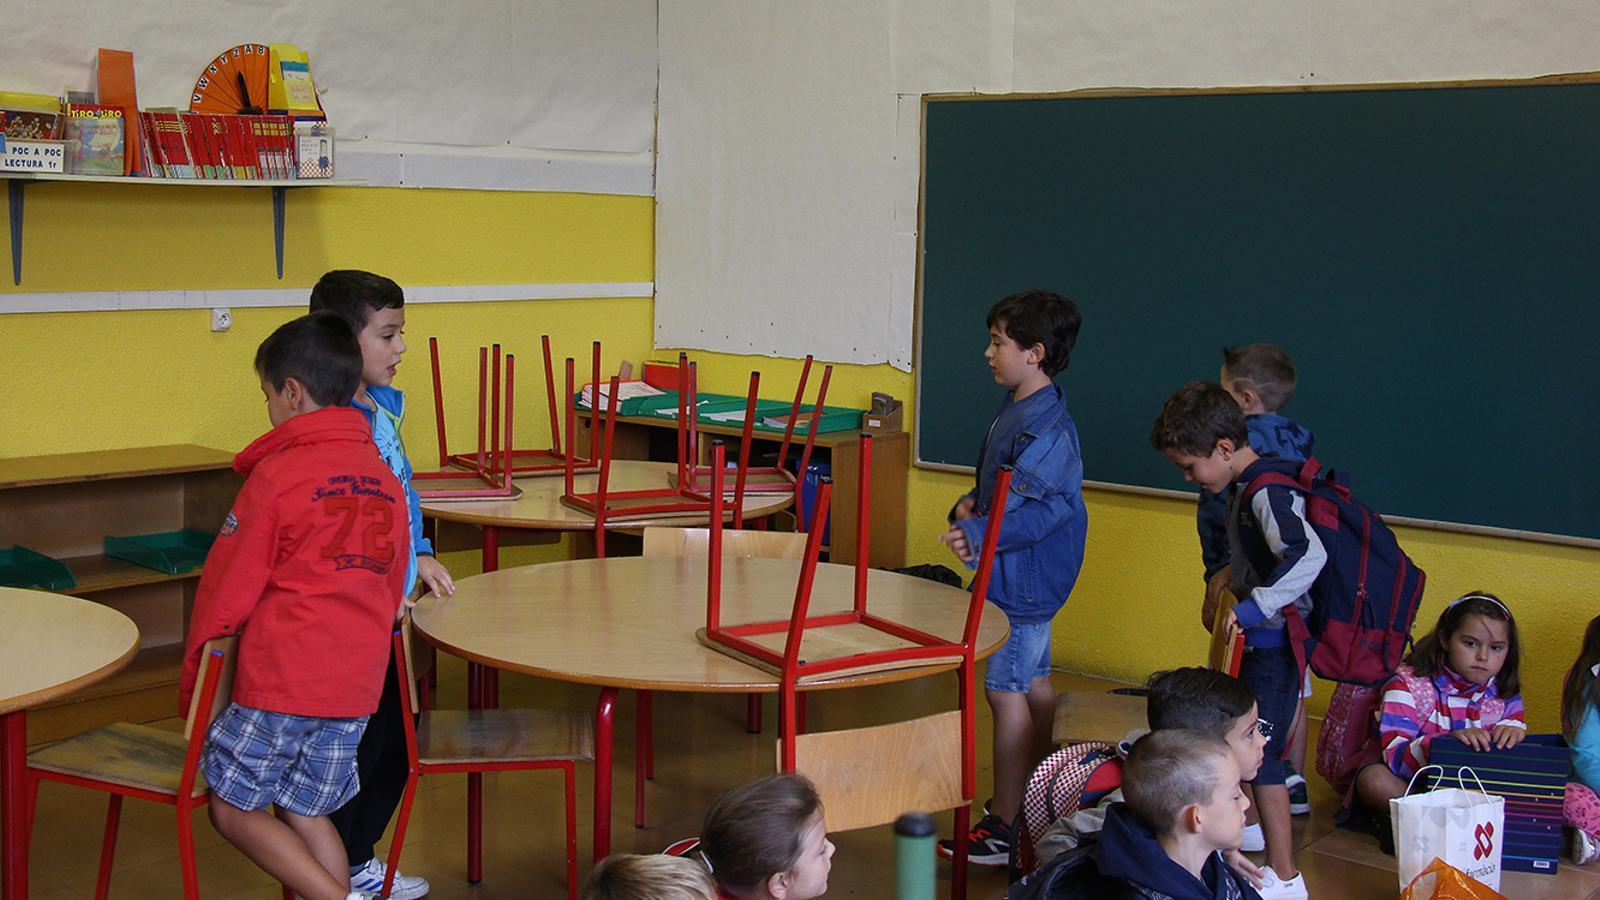 Alumnes preparant els seus llocs en el primer dia de curs escolar. / M. F. (ANA)